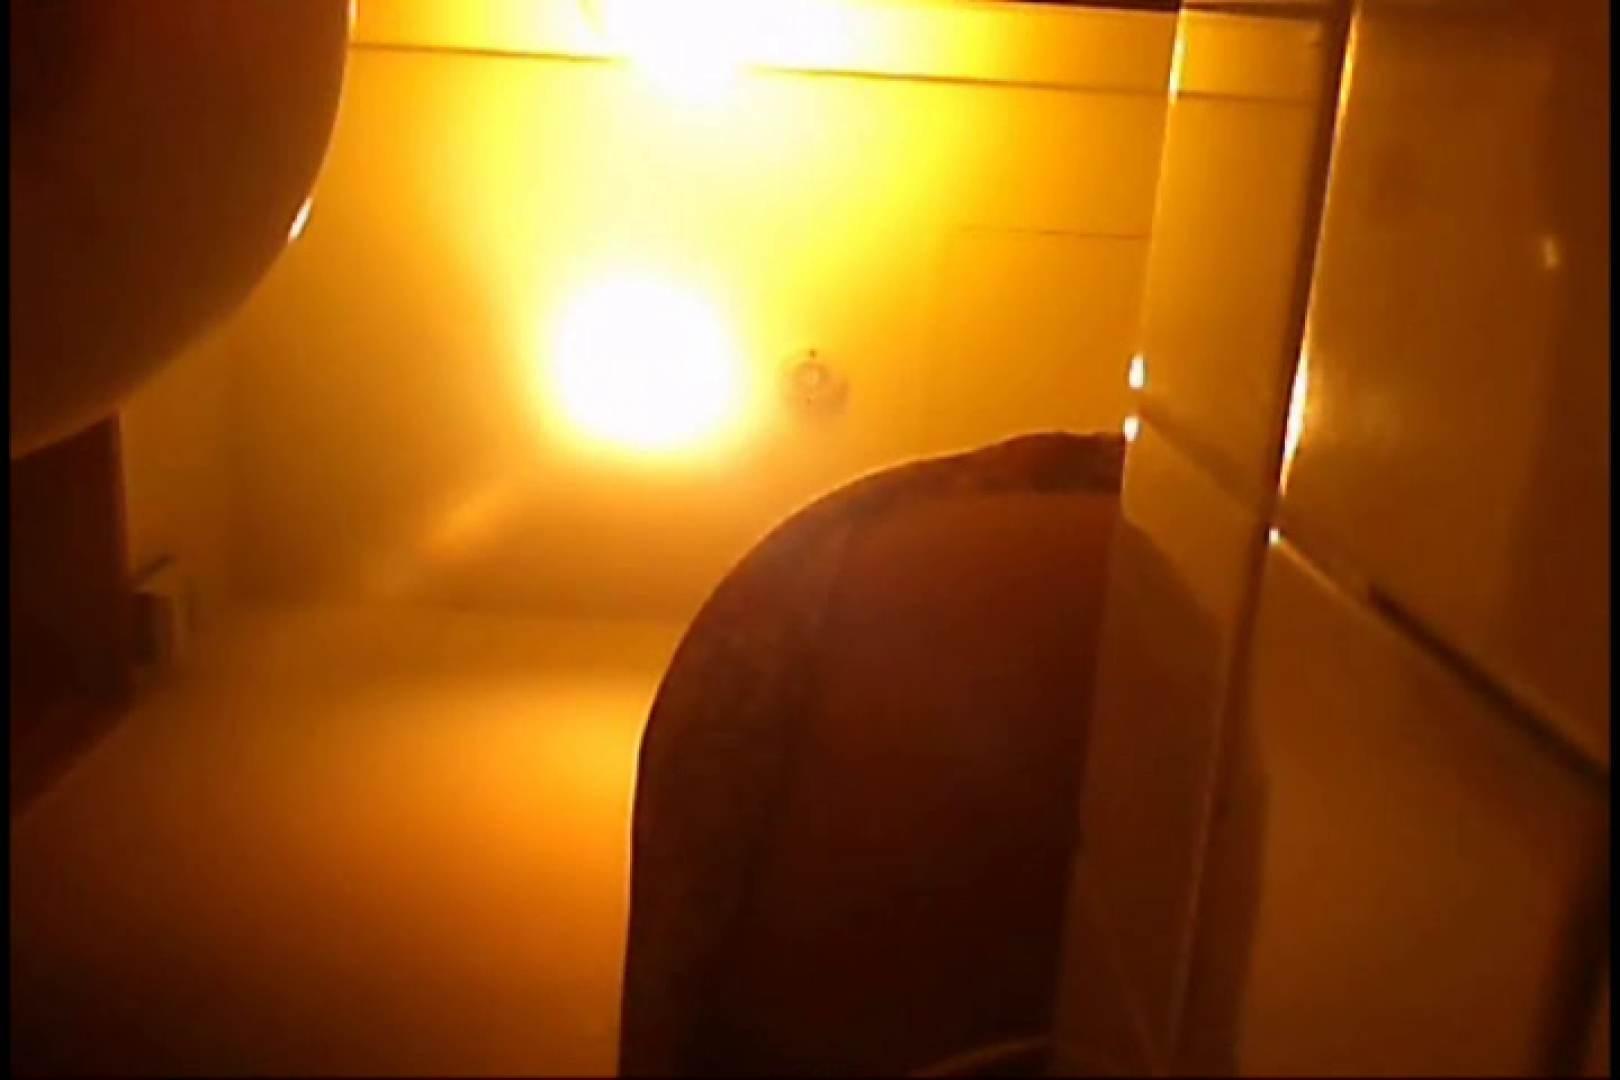 亀さんかわや VIP和式2カメバージョン! vol.04 マンコ 盗撮画像 92連発 87